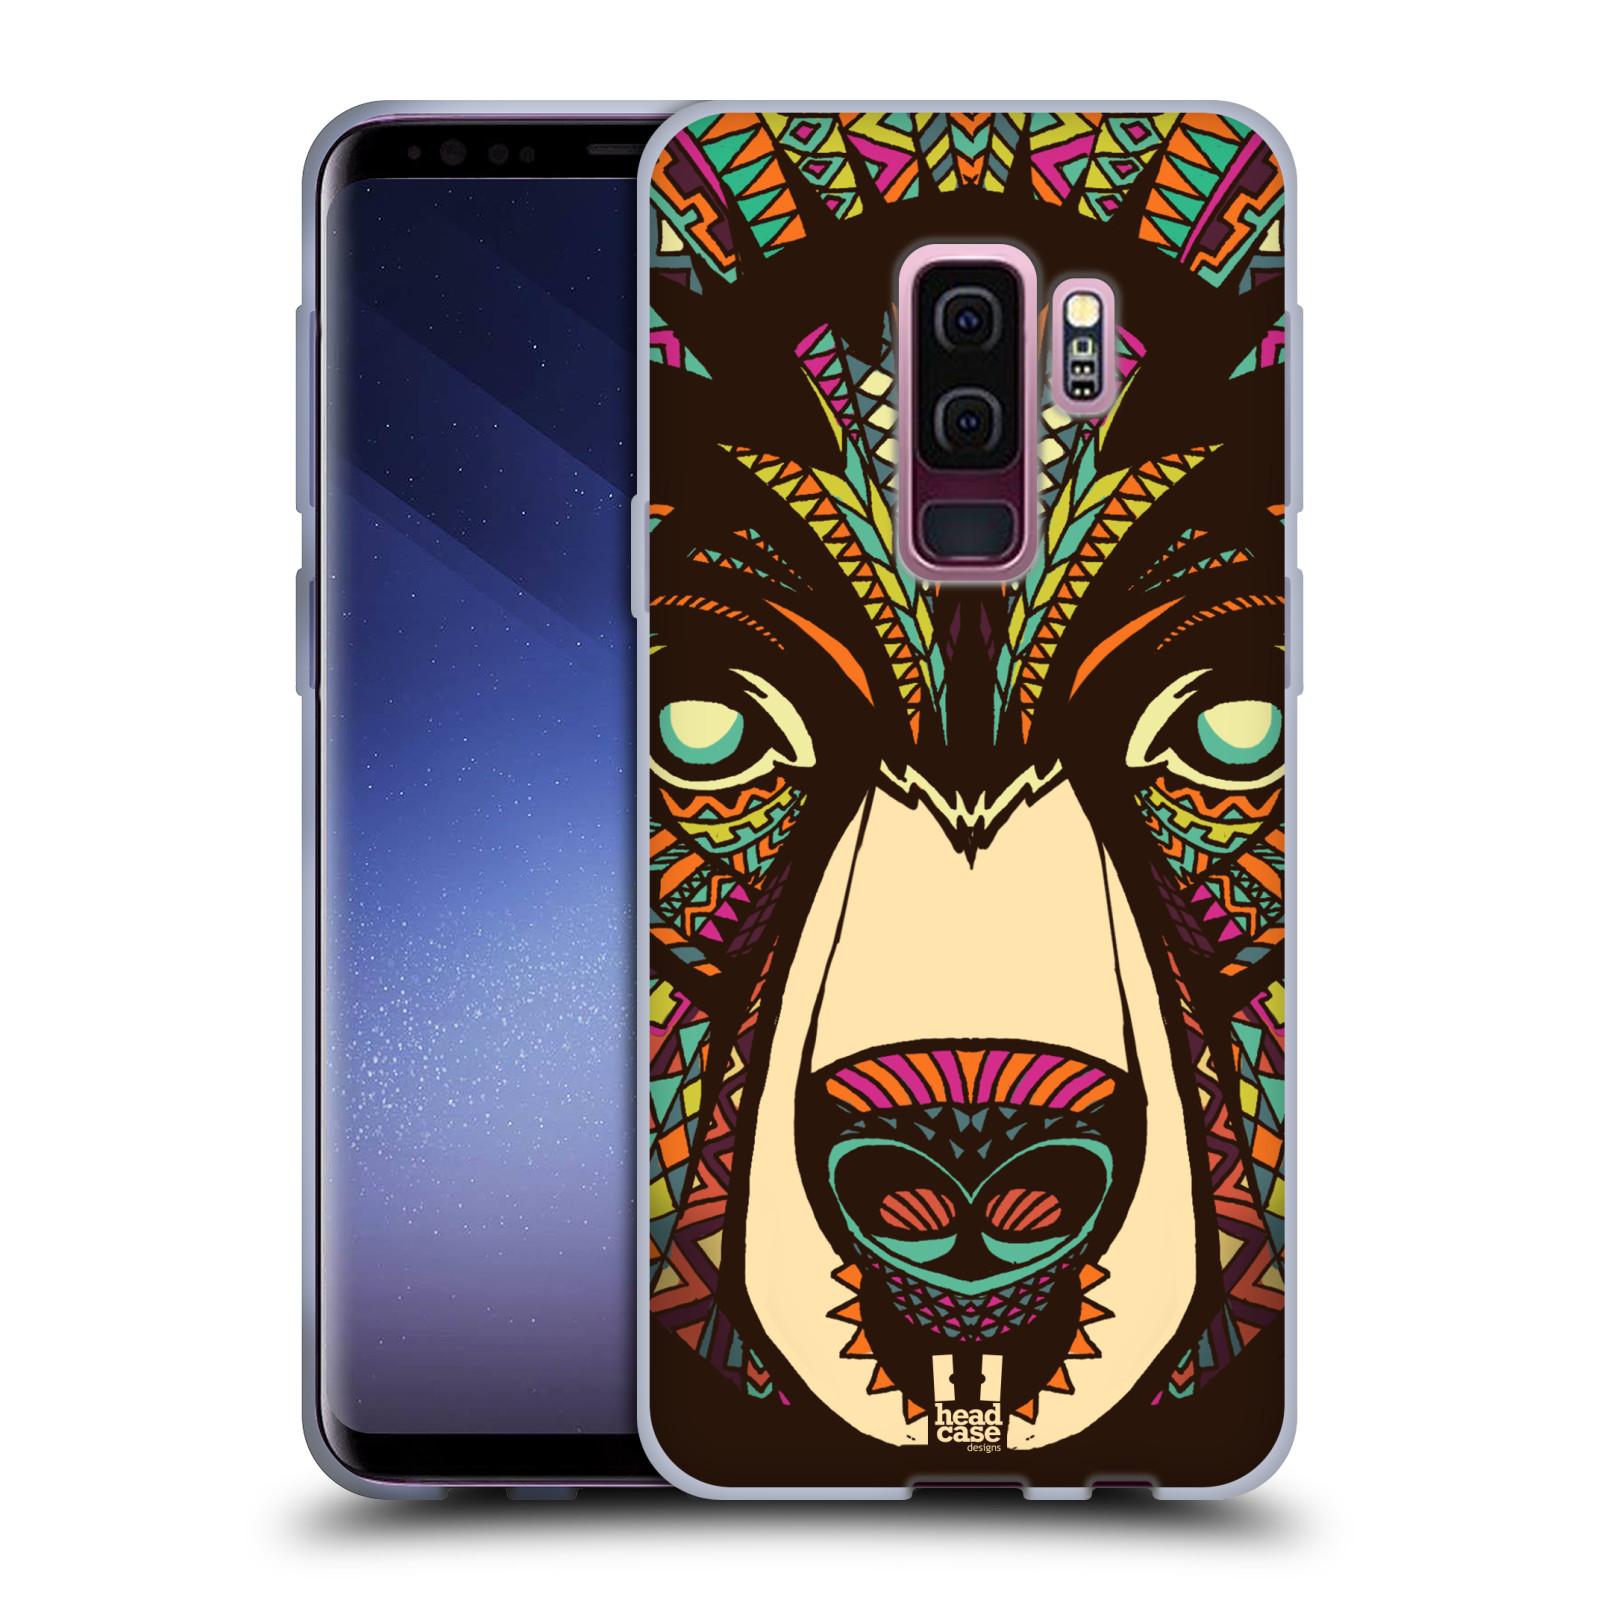 Silikonové pouzdro na mobil Samsung Galaxy S9 Plus - Head Case - AZTEC MEDVĚD